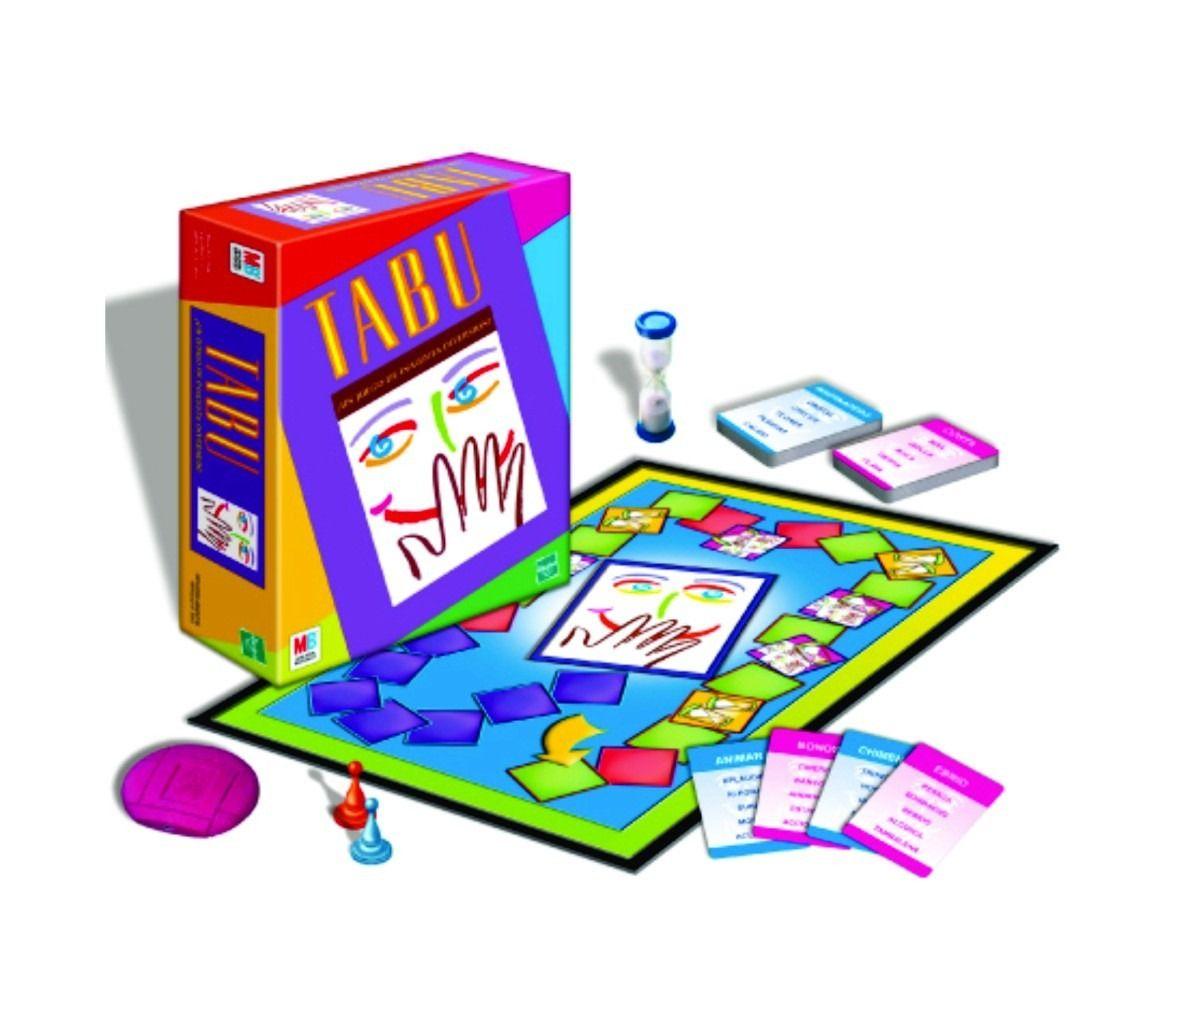 tabu juego de mesa de hasbro envio sin cargo en caba 14411